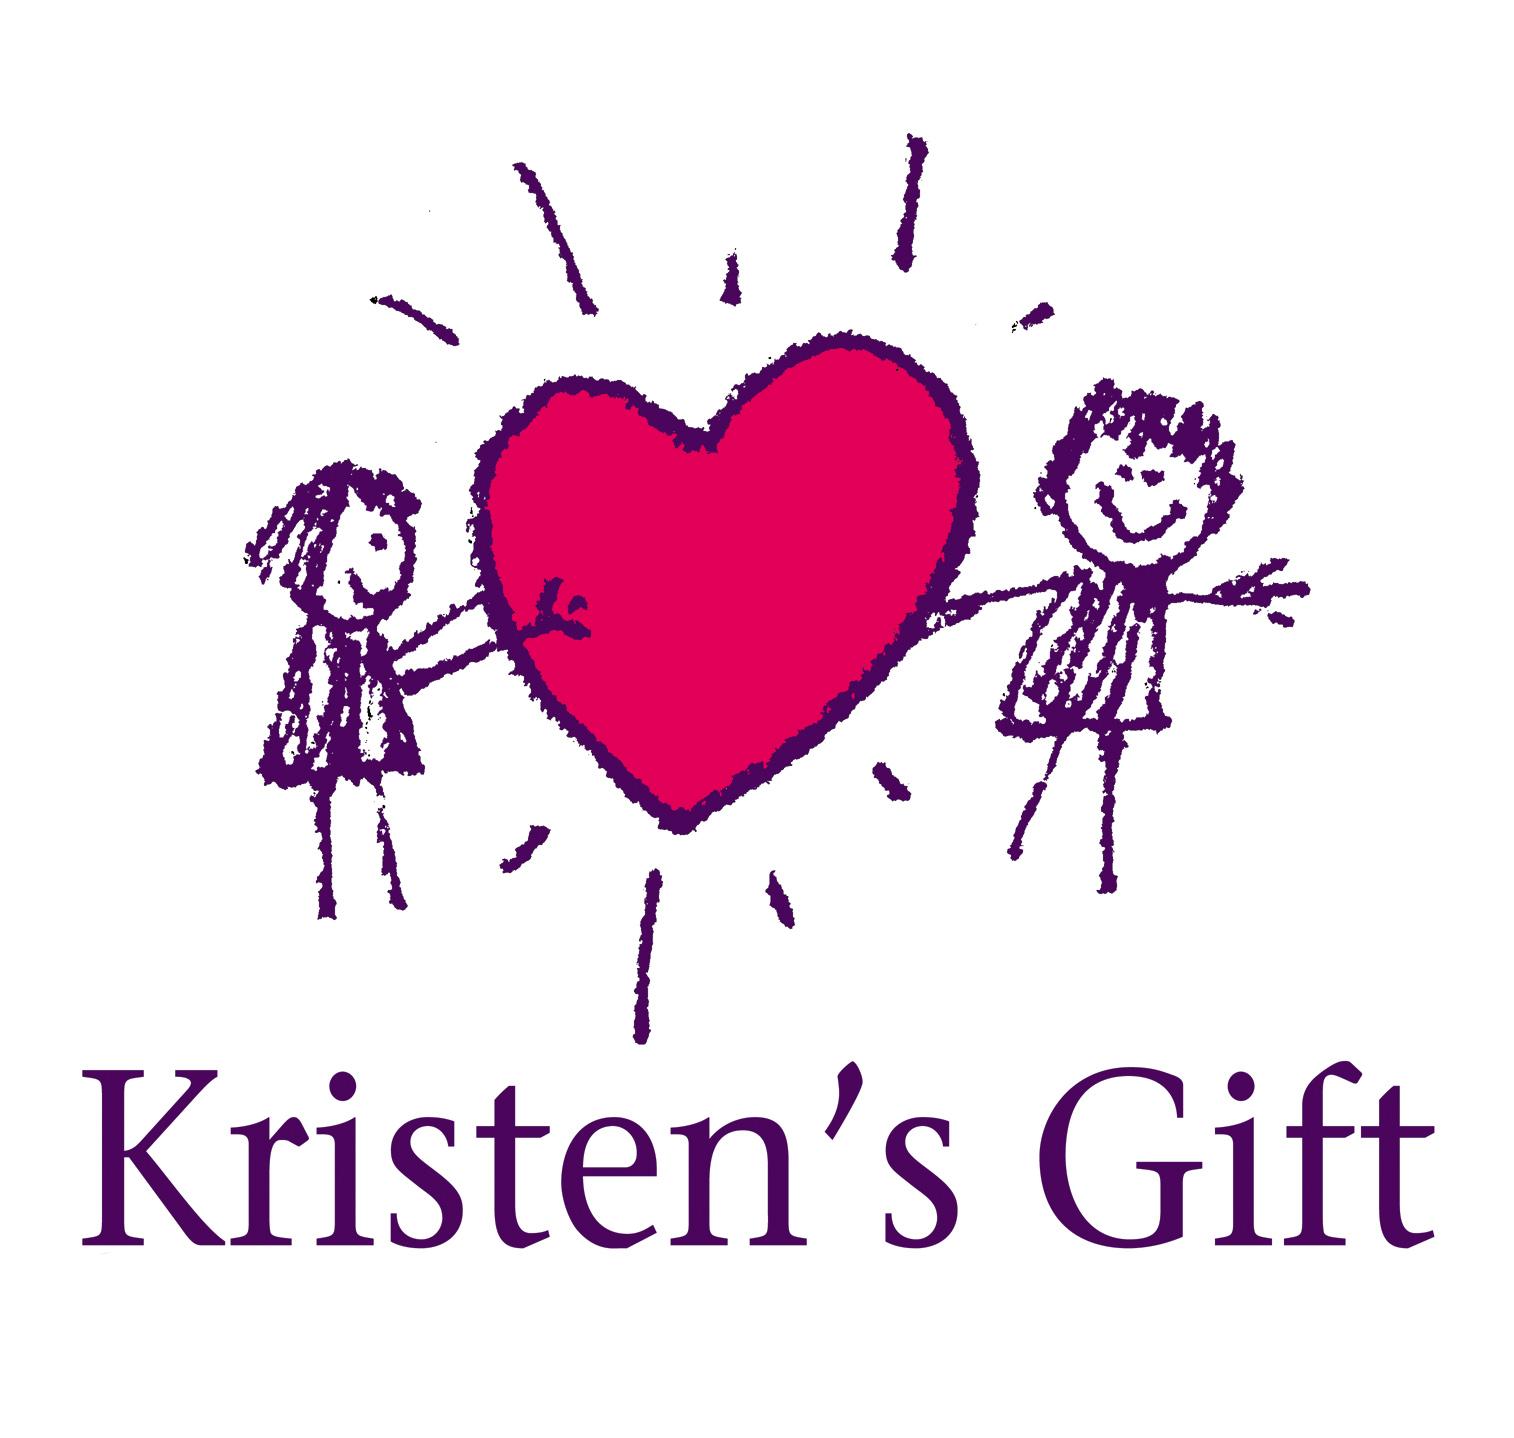 Kristen's Gift logo